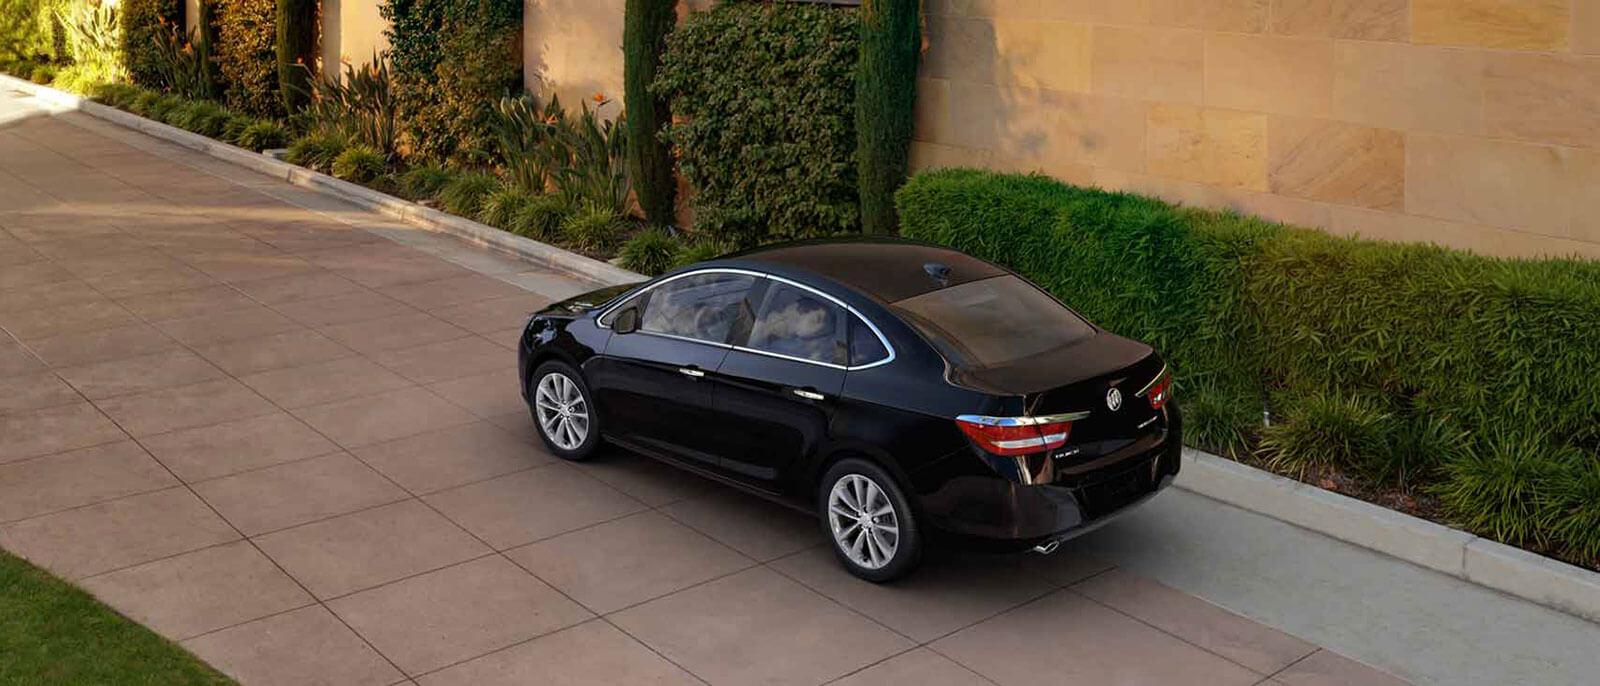 2017 Buick Verano rear view